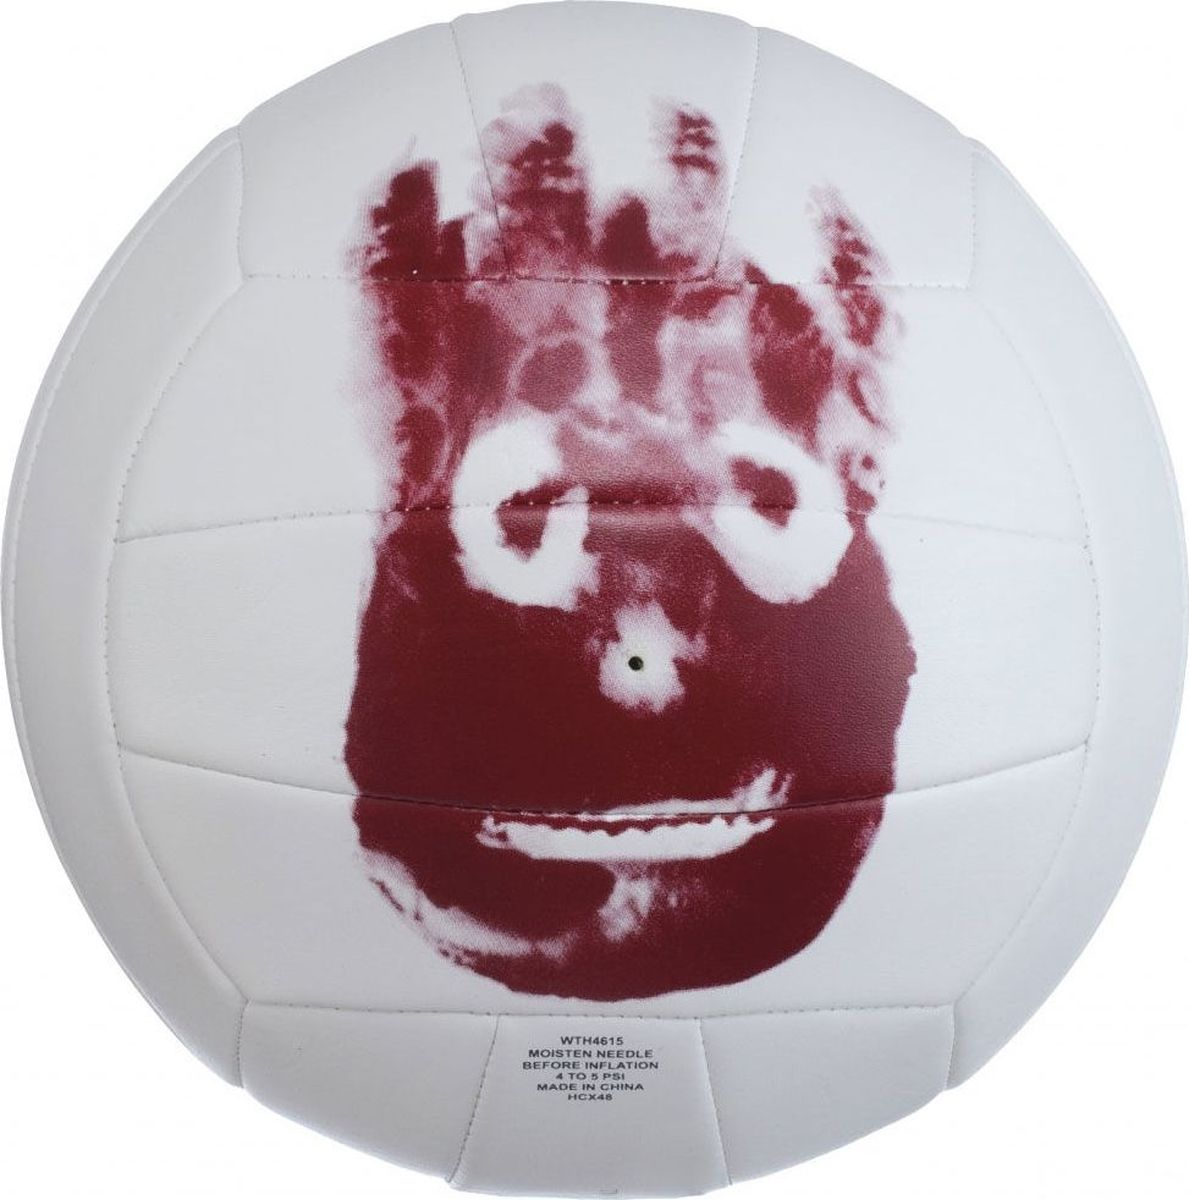 Мяч волейбольный Wilson Cast Away, цвет: белый, красный, диаметр 20 смWTH4615XDEFВолейбольный мяч Wilson Cast Away предназначен для комфортных тренировок и игр команд любого уровня. Покрышка мяча выполнена из высокотехнологичного композитного материала на основе микрофибры, с применением технологии Soft Touch, которая напоминает натуральную кожу и обеспечивает правильный отскок.Мяч состоит из 18 панелей и бутиловой камеры, также армирован подкладочным слоем, выполненным из ткани.Мяч отлично подойдет для тренировок и соревнований команд высокого уровня.УВАЖАЕМЫЕ КЛИЕНТЫ!Обращаем ваше внимание на тот факт, что мяч поставляется в сдутом виде. Насос в комплект не входит.